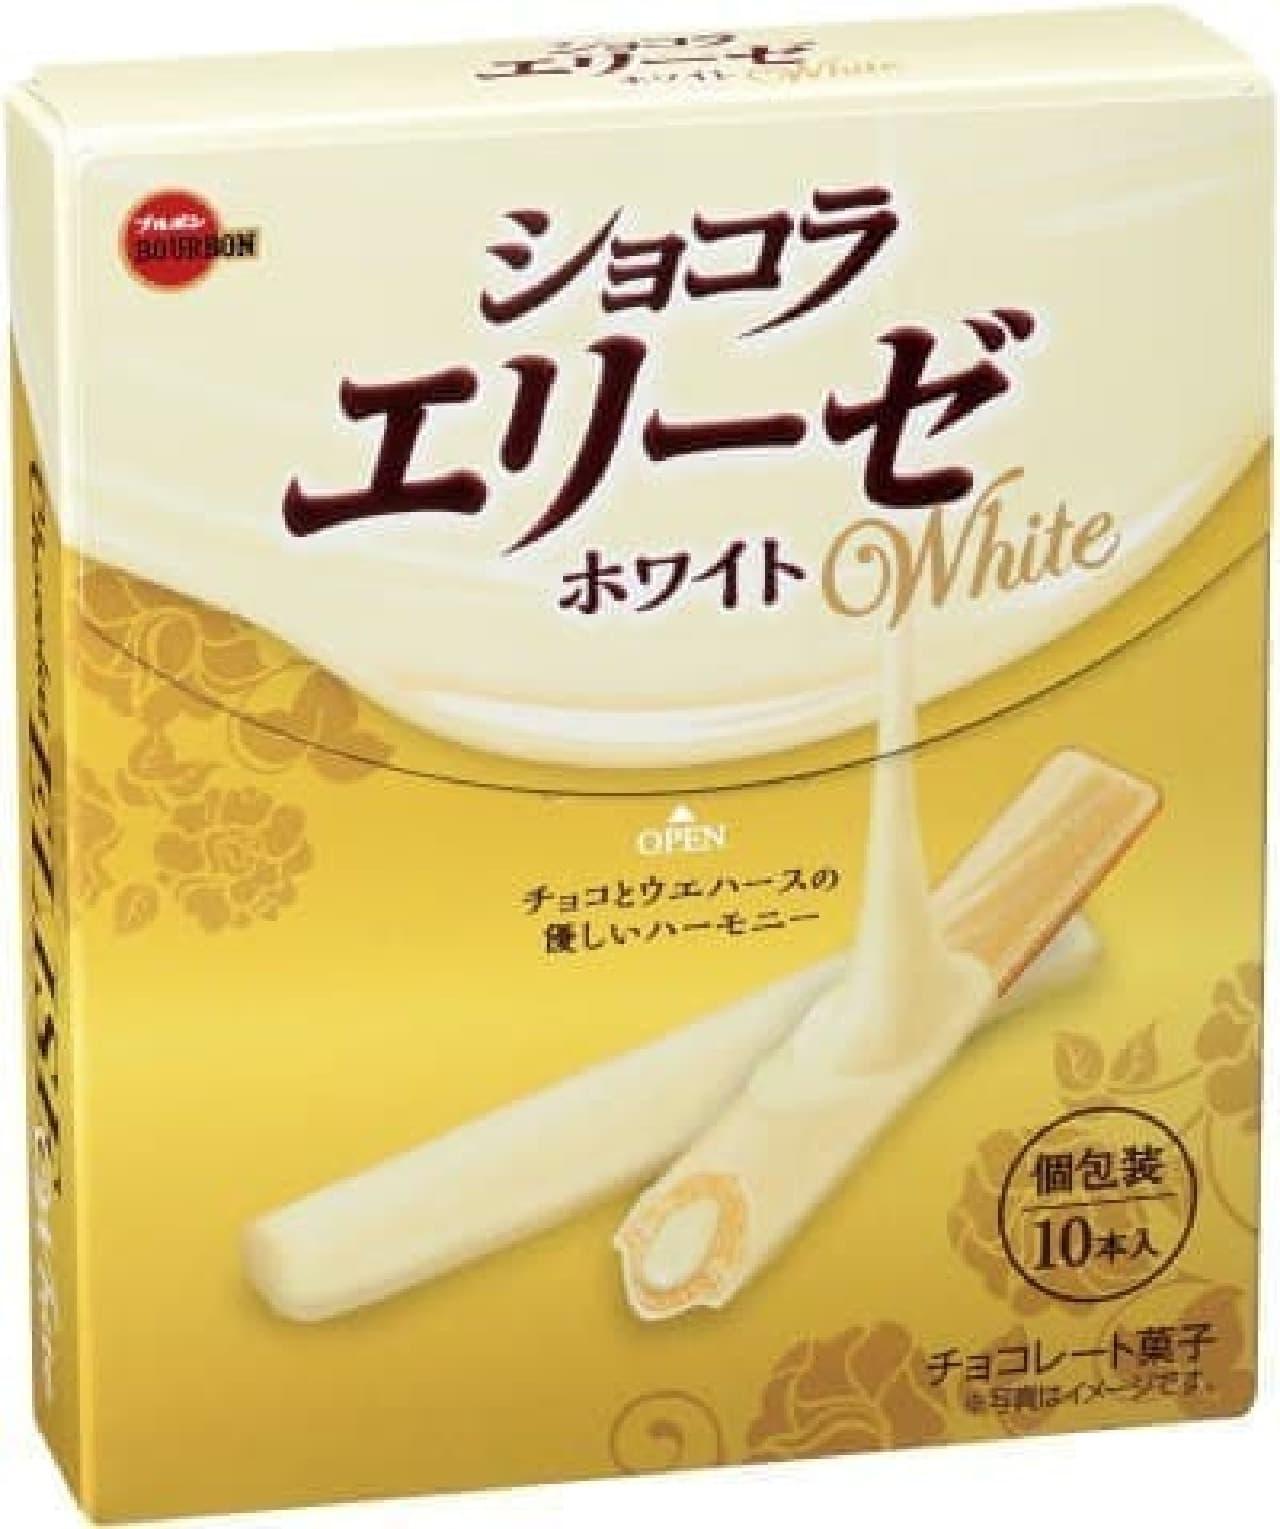 ブルボン「ショコラエリーゼホワイト」